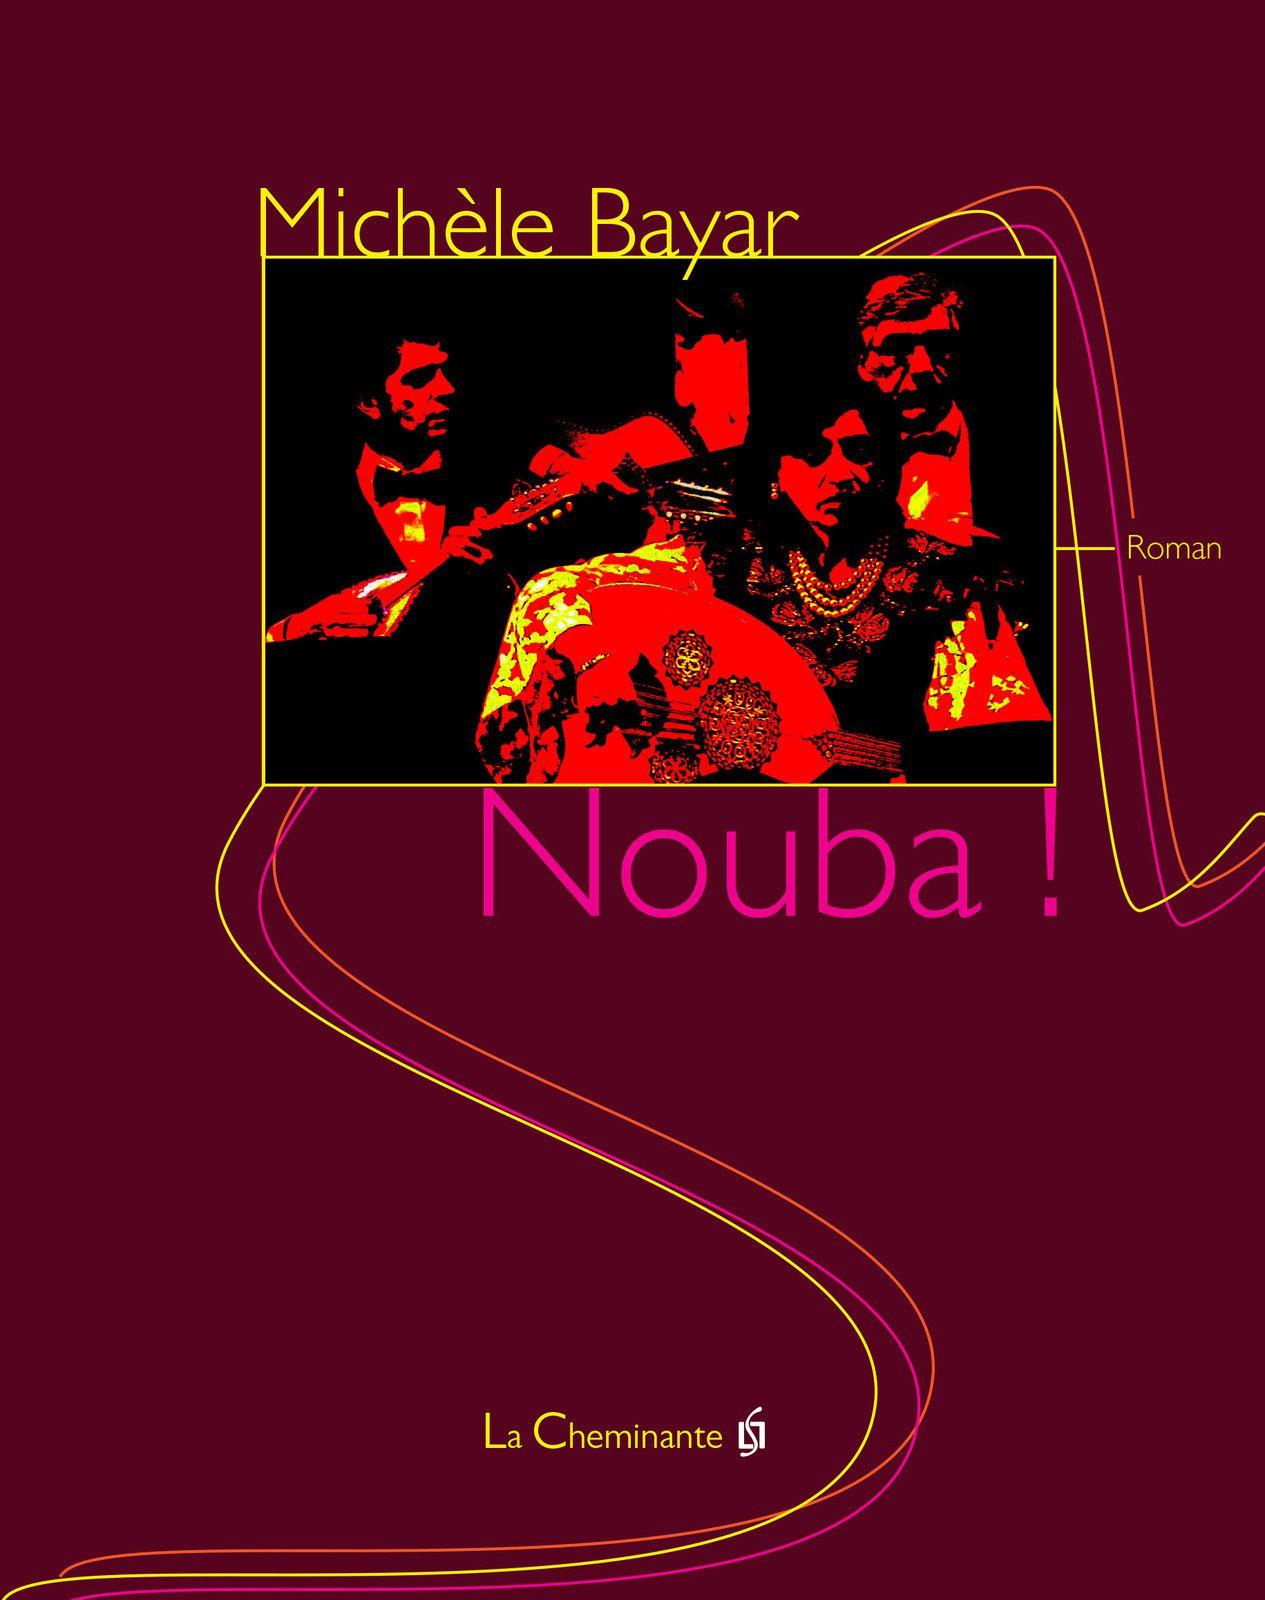 Nouba (2) extrait du roman